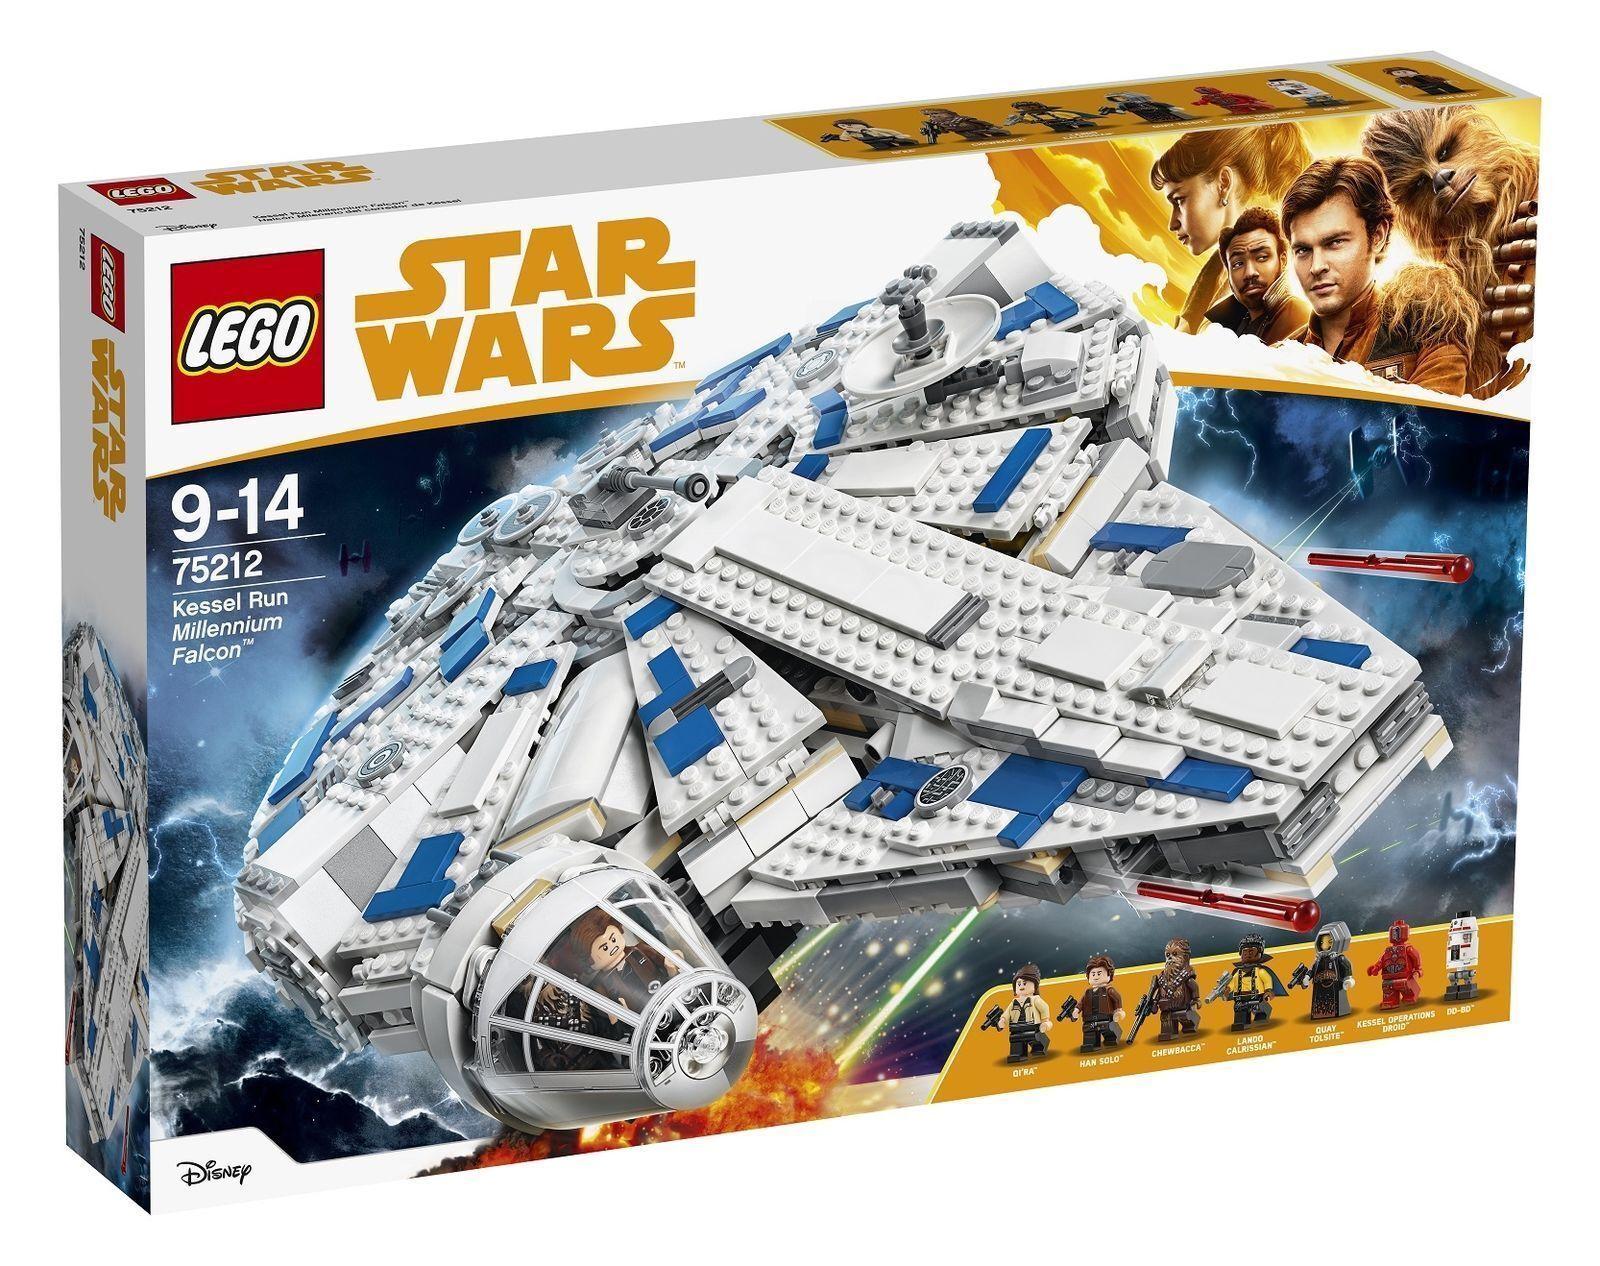 LEGO Star Wars Kessel Run Millennium Falcon 2018 (75212)New, Sealed